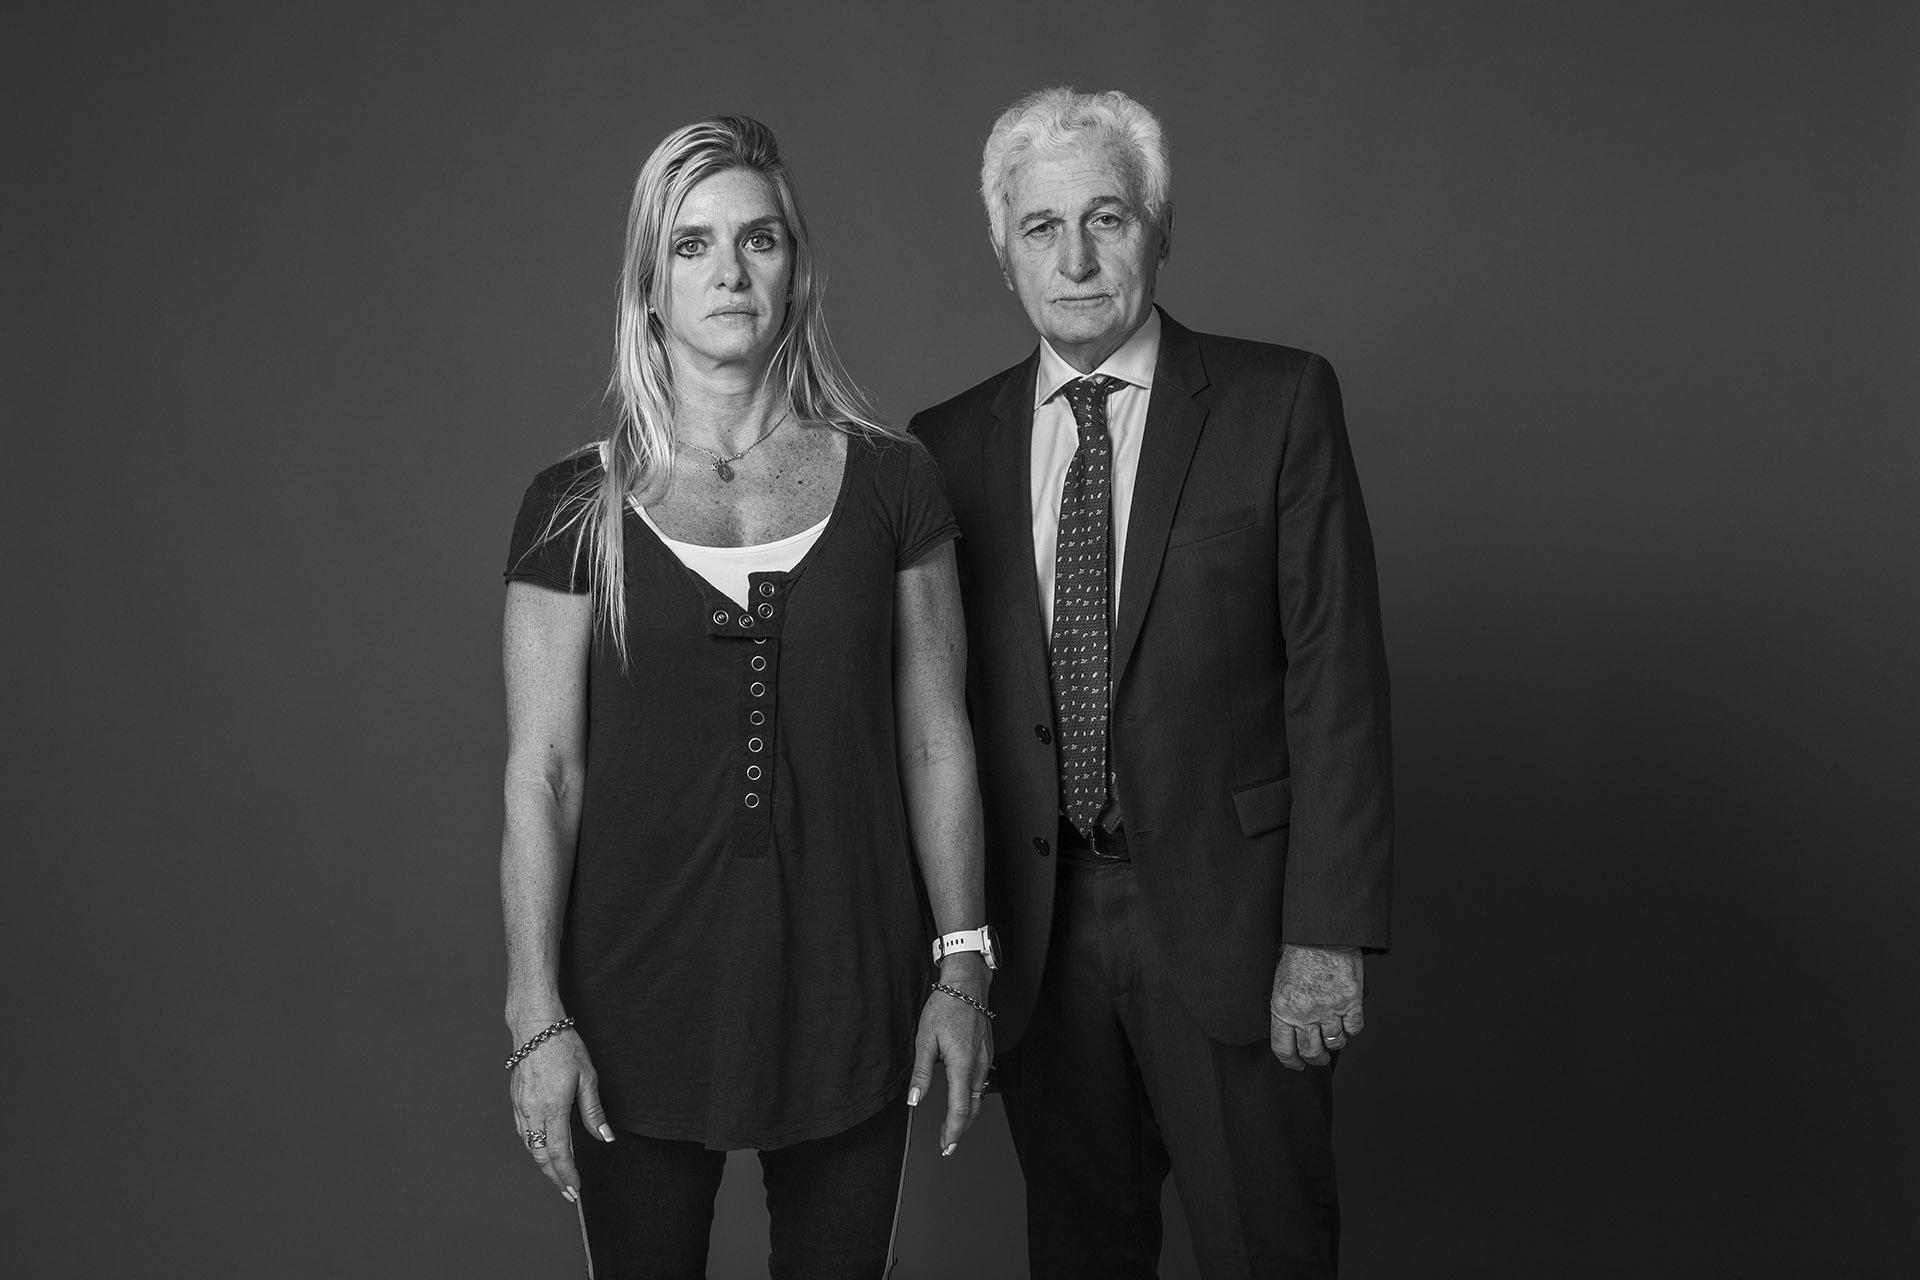 Karina Bolan y Pedro Ferraina. Romina Bolan tenía 19 años cuando murió en el atentado. Caminaba por la vereda de la calle Pasteur en dirección a la Facultad de Ciencias Económicas de la UBA. Llegó al Hospital de Clínicas con heridas gravísimas y finalmente falleció. La operó eldoctor Pedro Ferraina. En la foto, se encuentra con Karina, la hermana